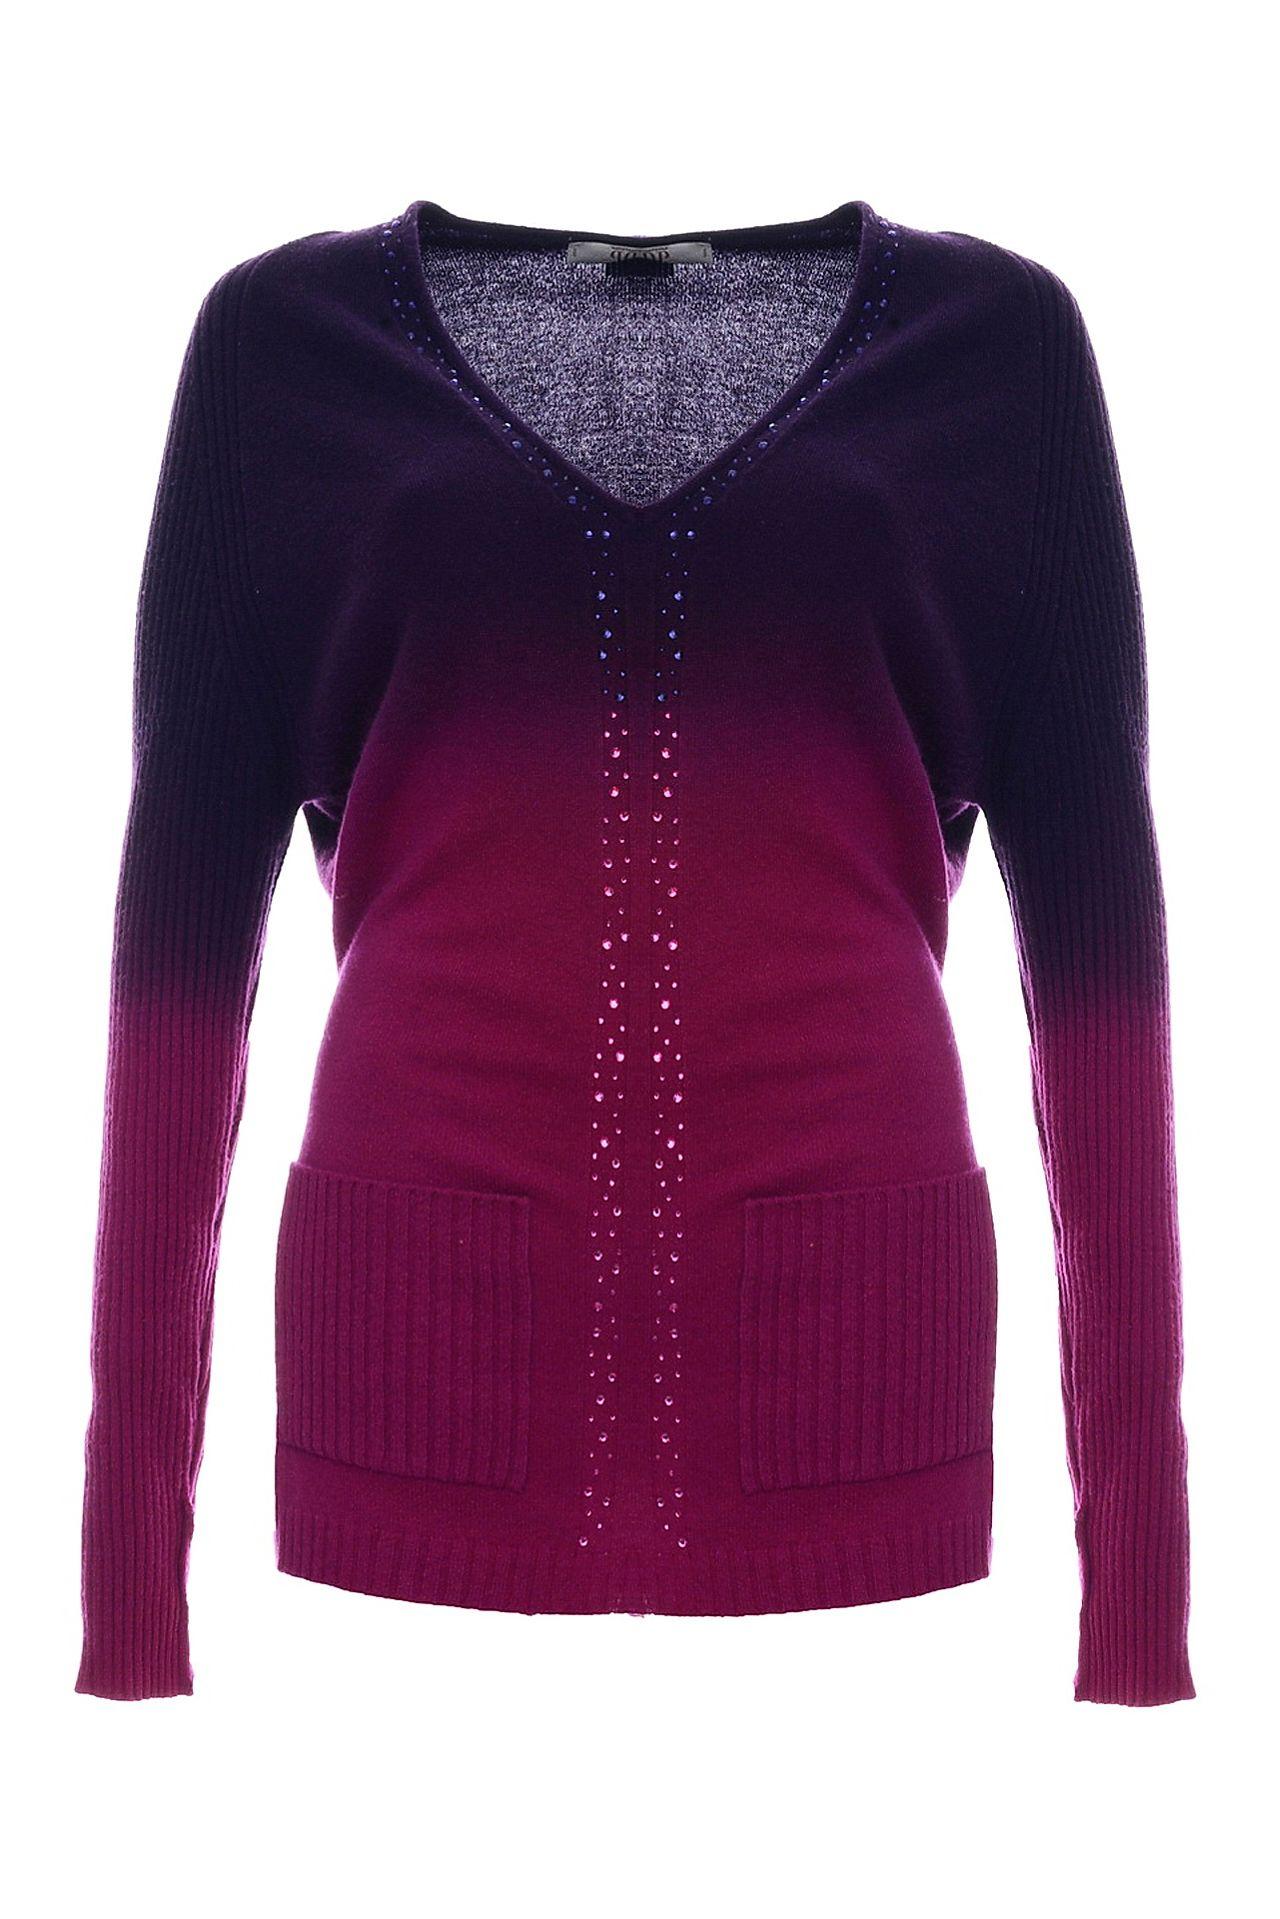 Джемпер VDP VIA DELLE PERLE пуловер кашемировый v образный вырез логотип freeman сзади